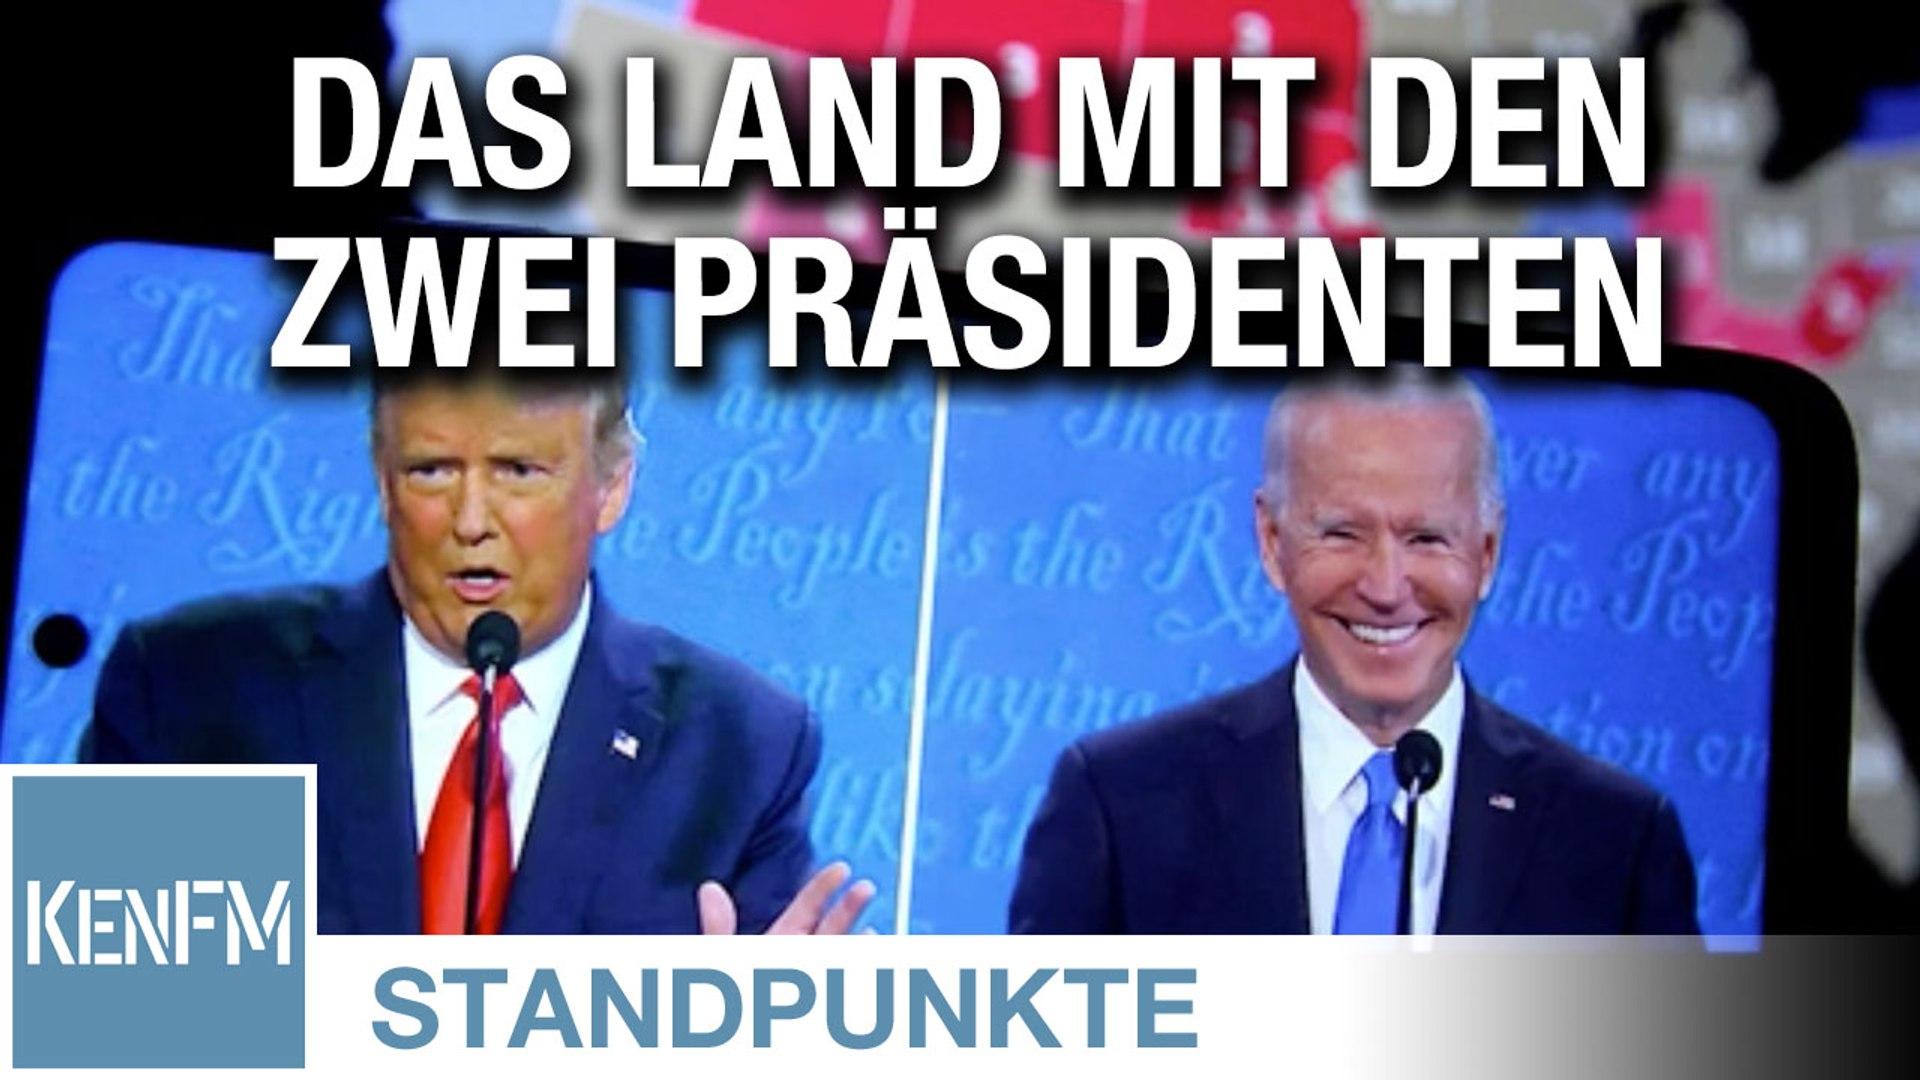 Land of the Two: Das Land mit den zwei Präsidenten